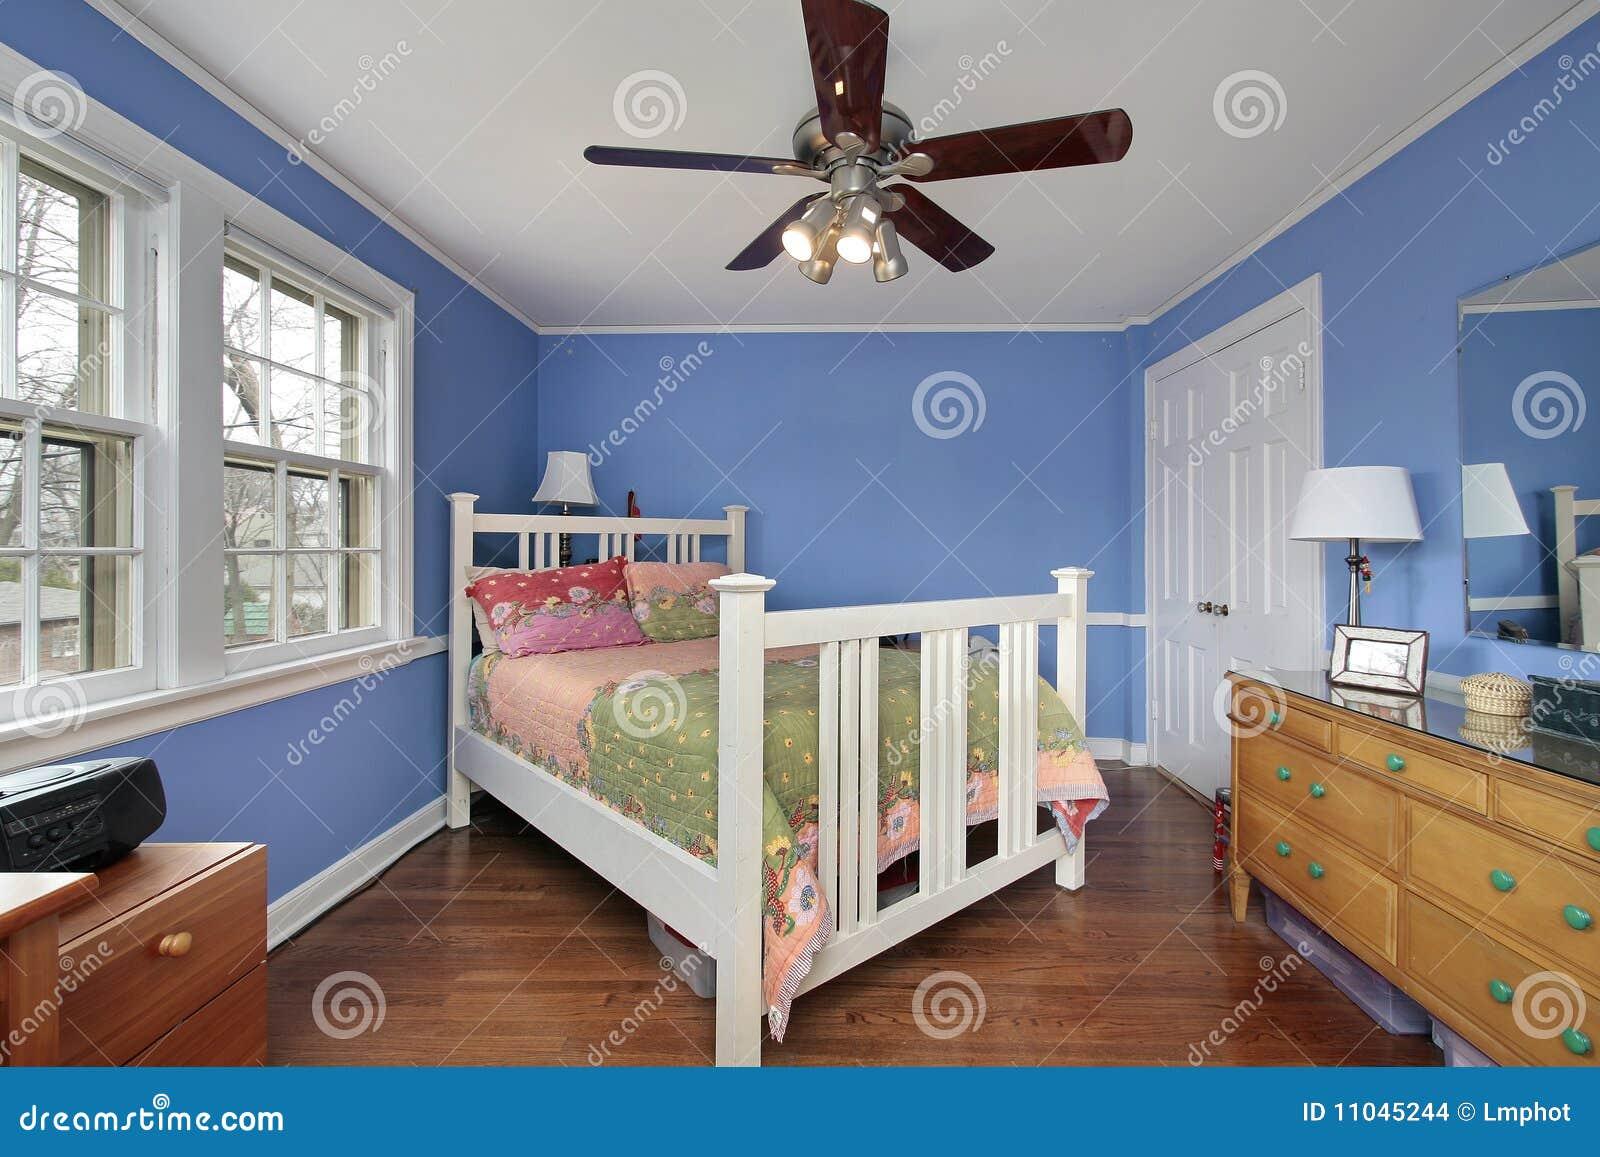 Camera da letto con le pareti blu immagini stock - Pareti camera da letto ...